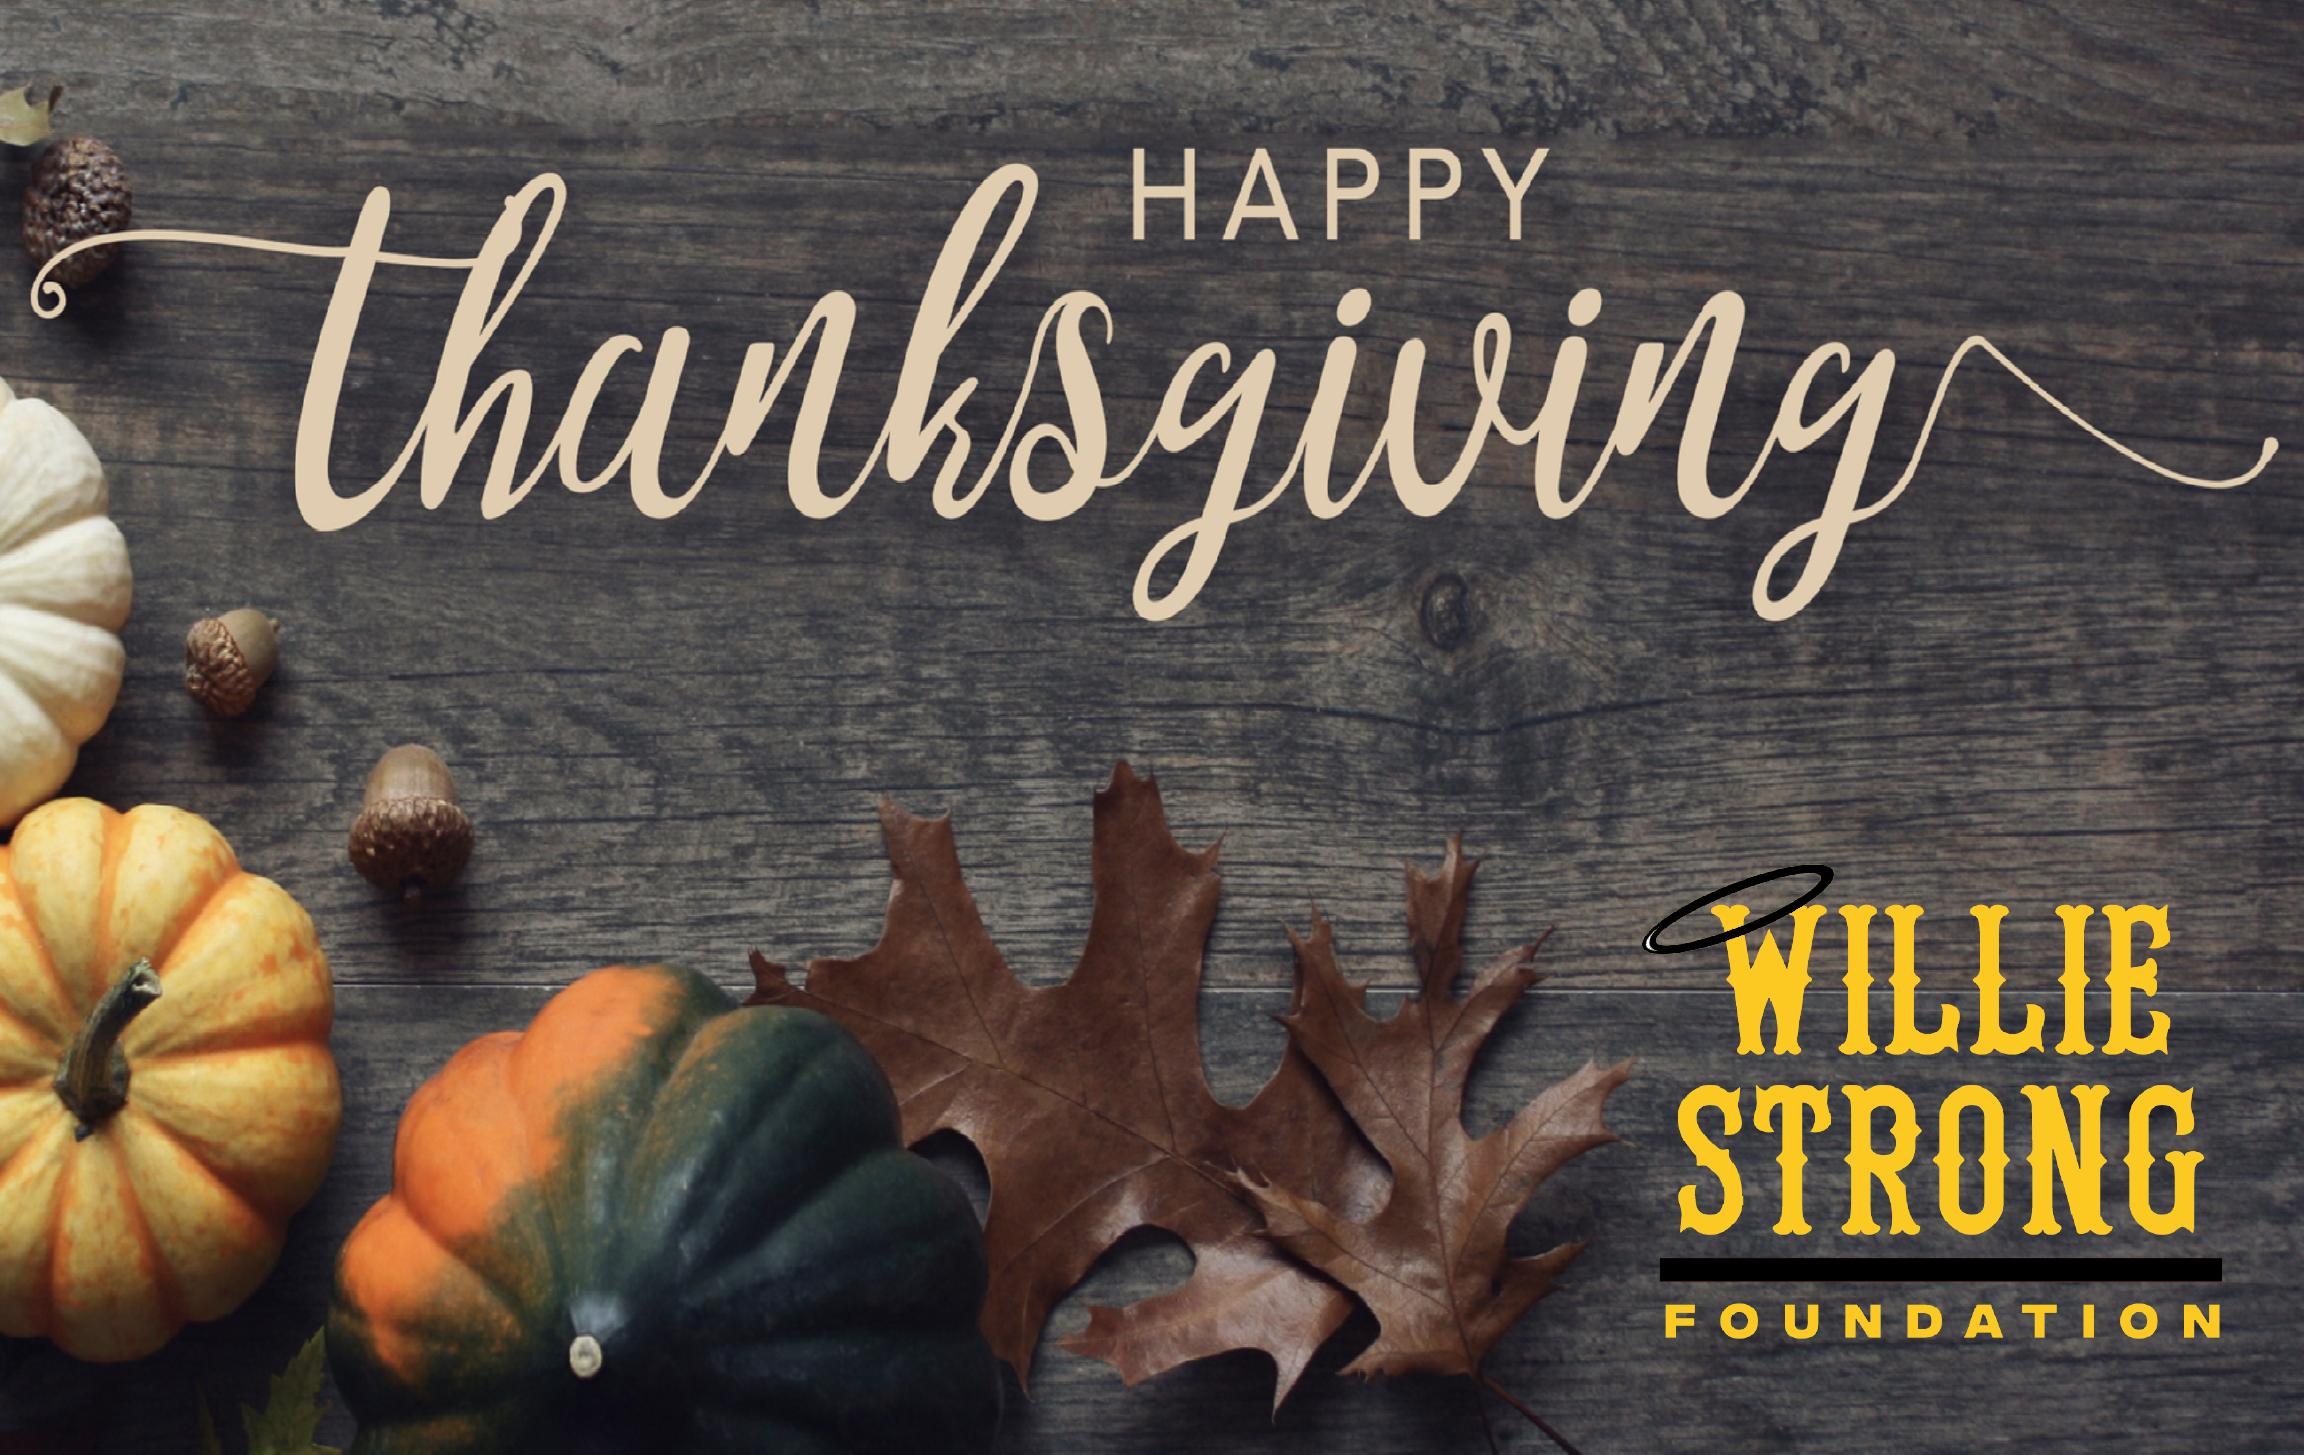 Willie Strong Foundation Newsletter November 2020